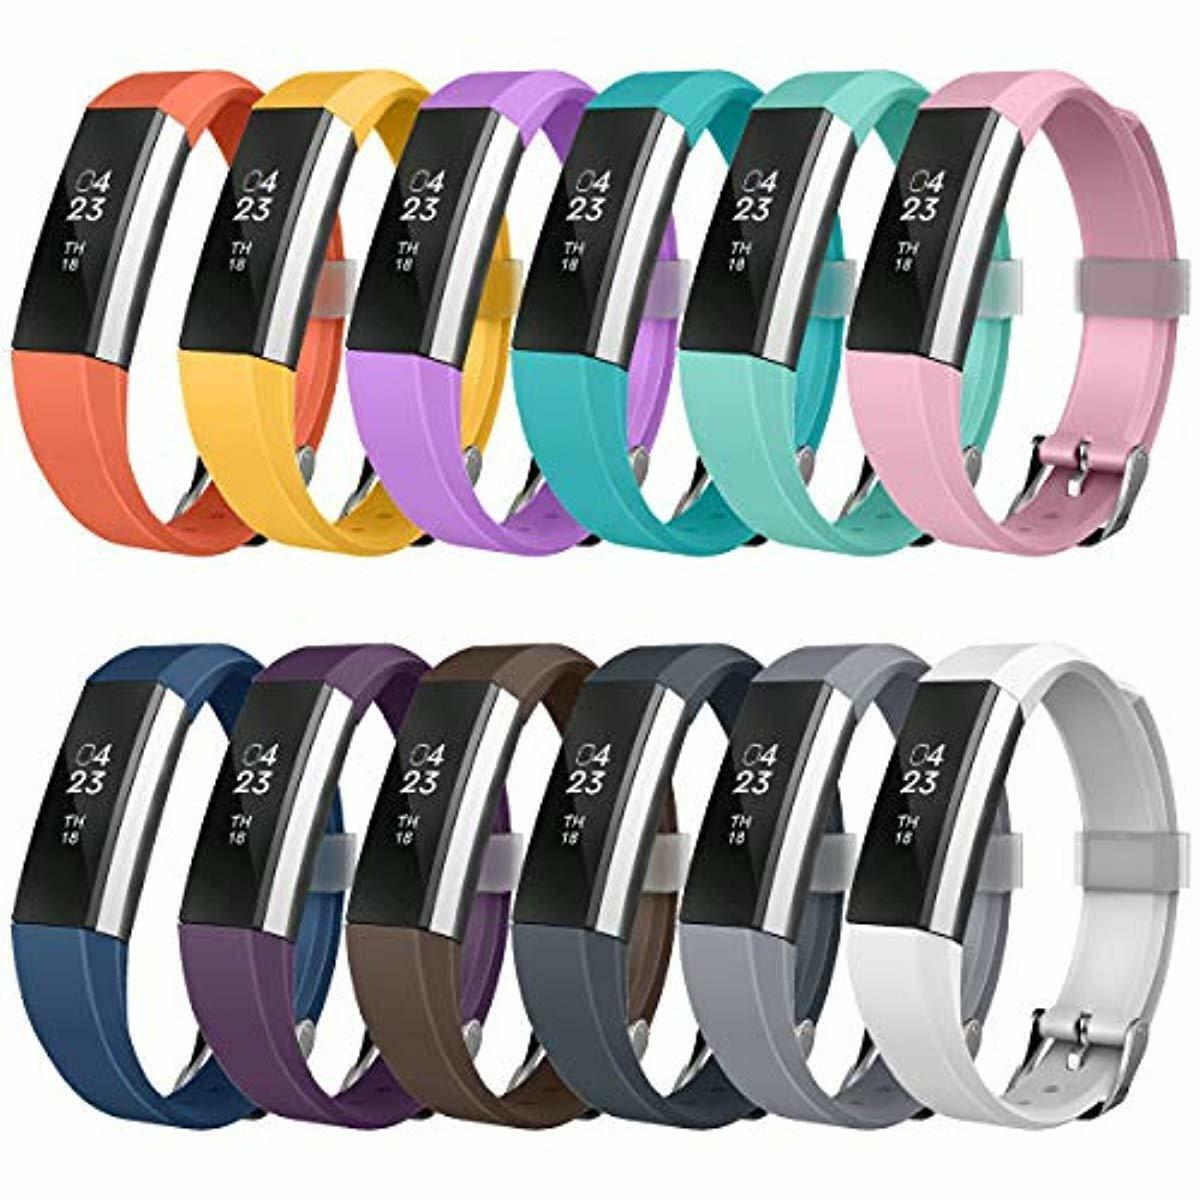 No Tracker Tobfit Fitbit Alta Band Alta HR Bracelet Replacement en TPU Confortable R/églable Sport Bracelet Accessorie pour Fitbit Alta et Alta HR